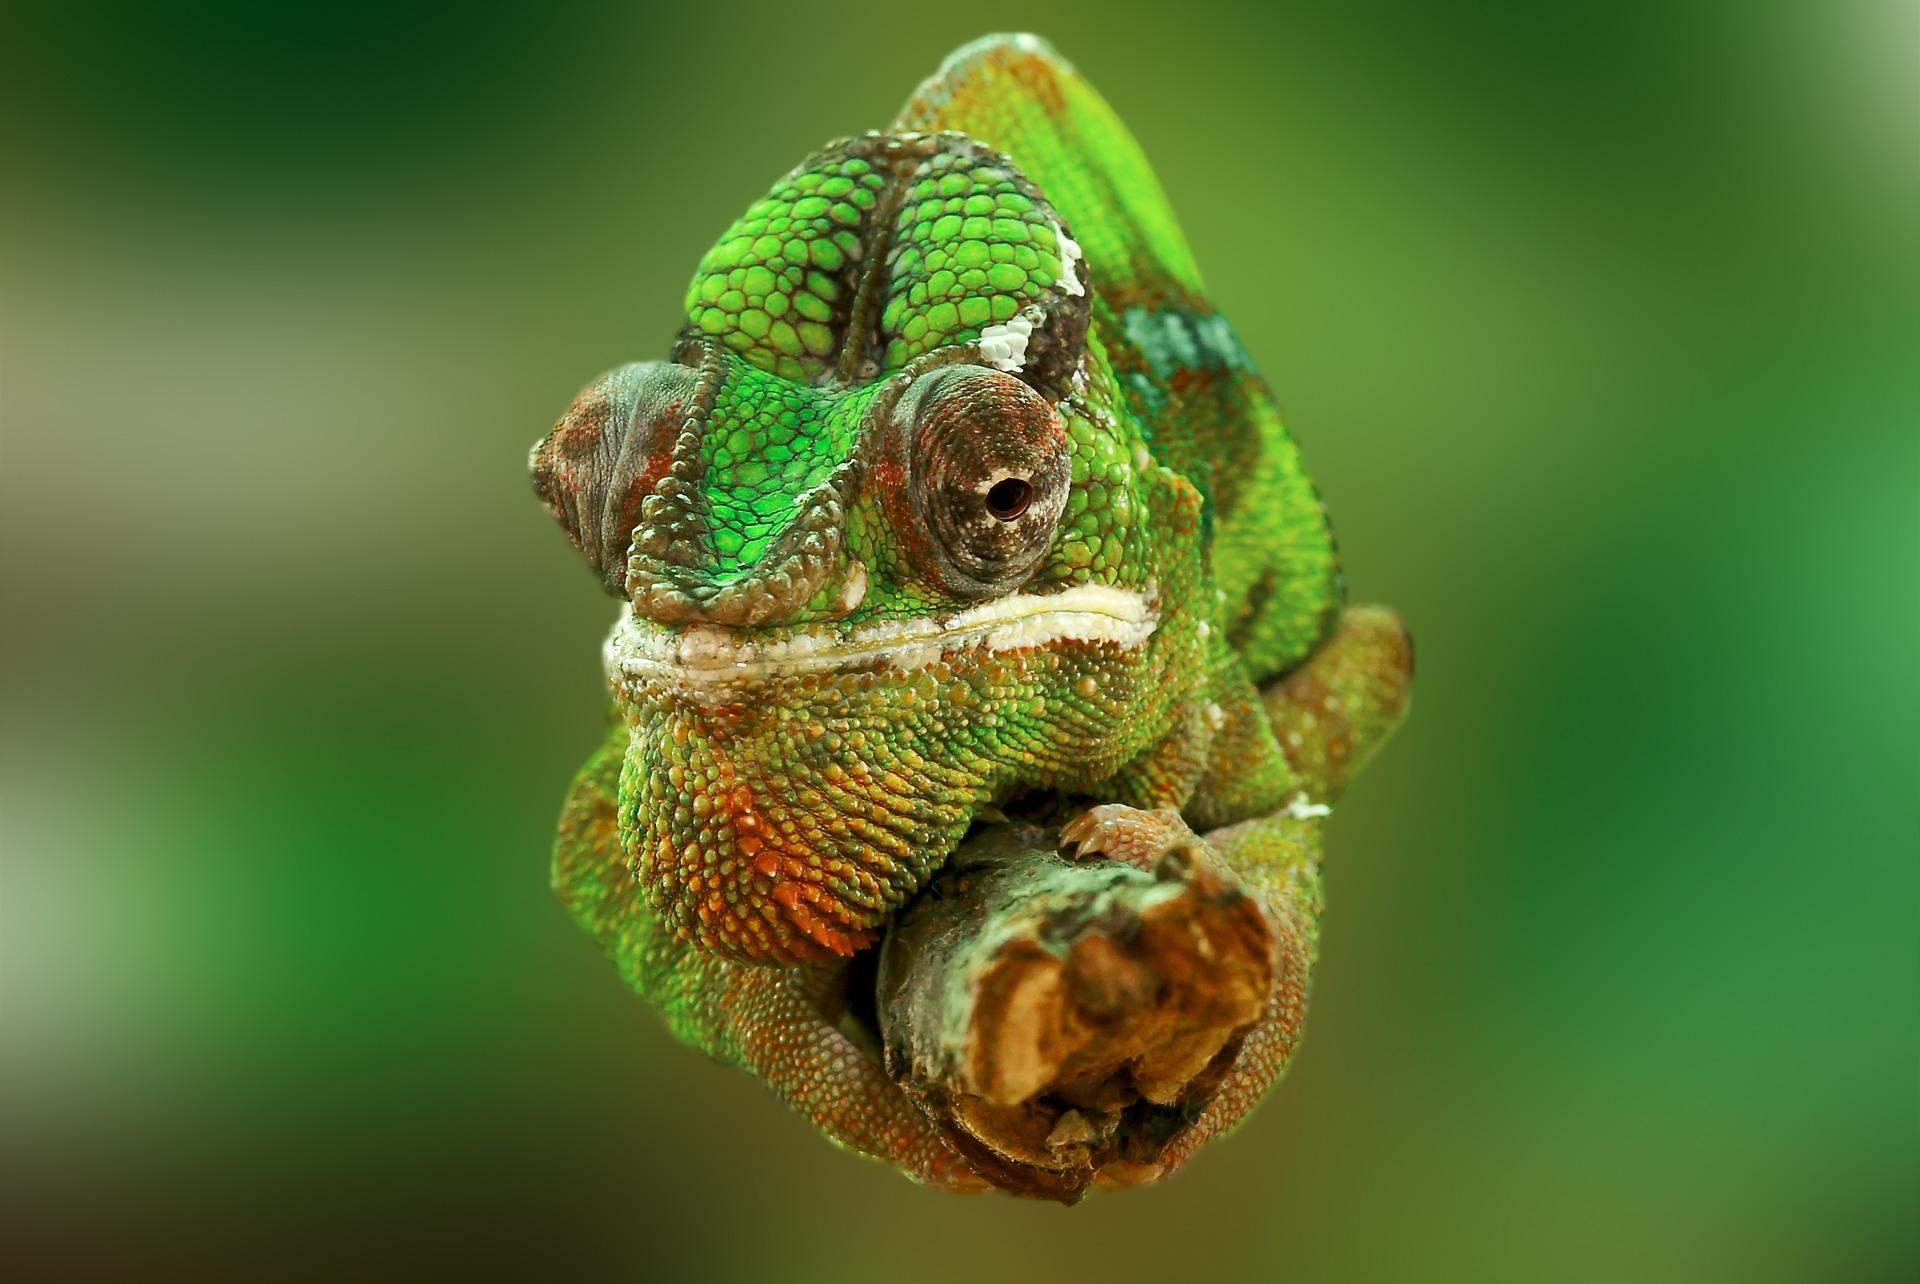 Photo of chameleon on branch